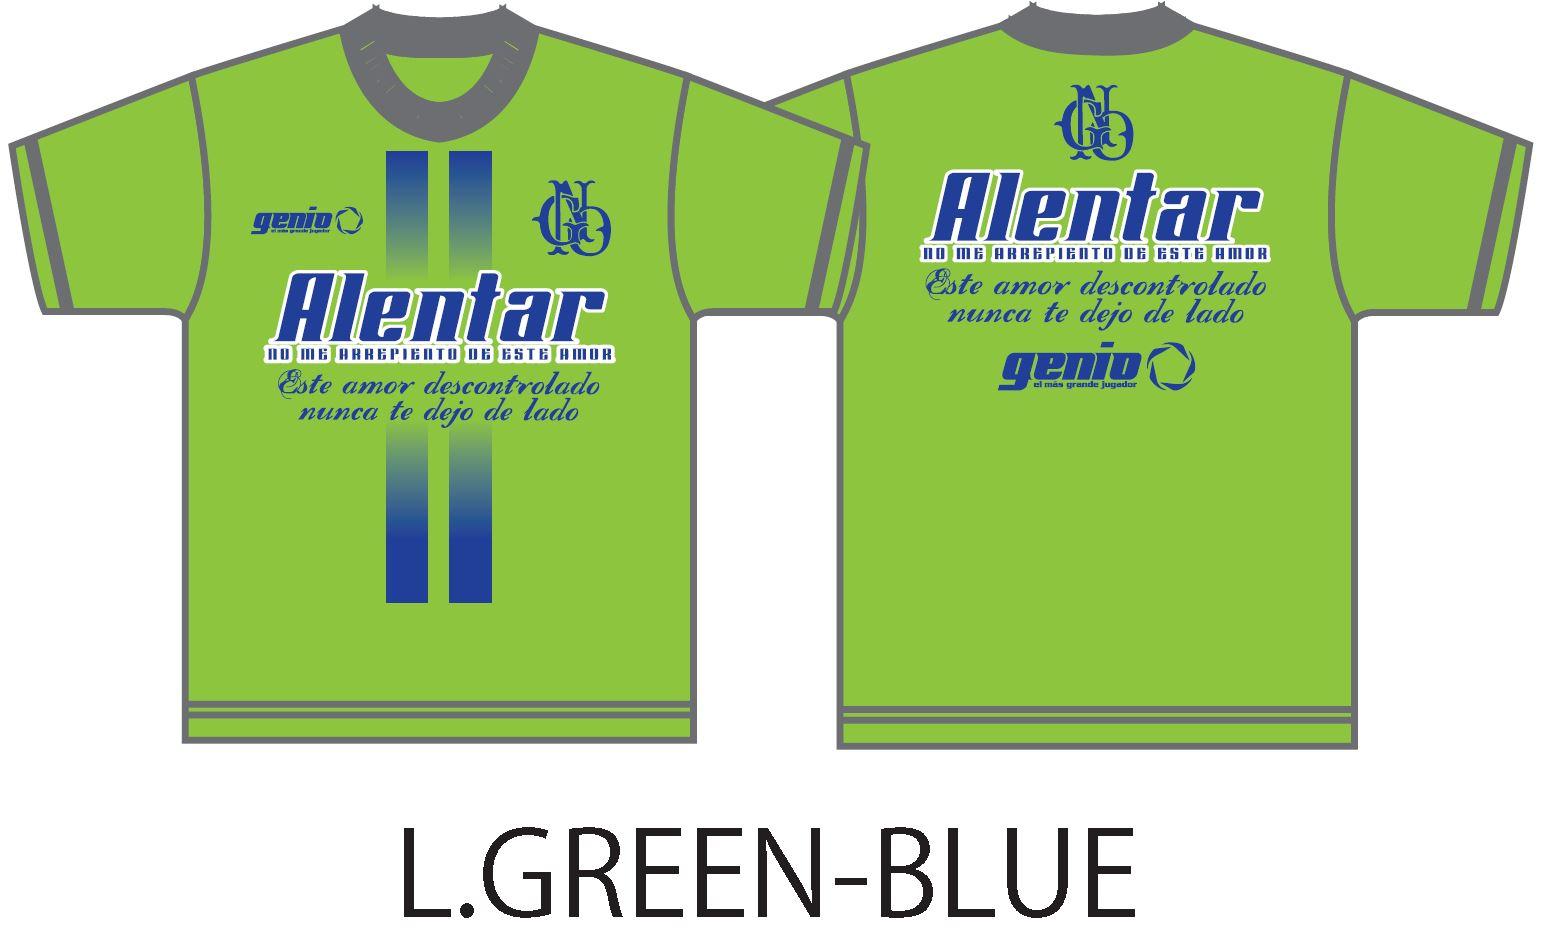 G14SS-001-6【ALENTAR-】T-Shirts&Dry-Shirts.jpg